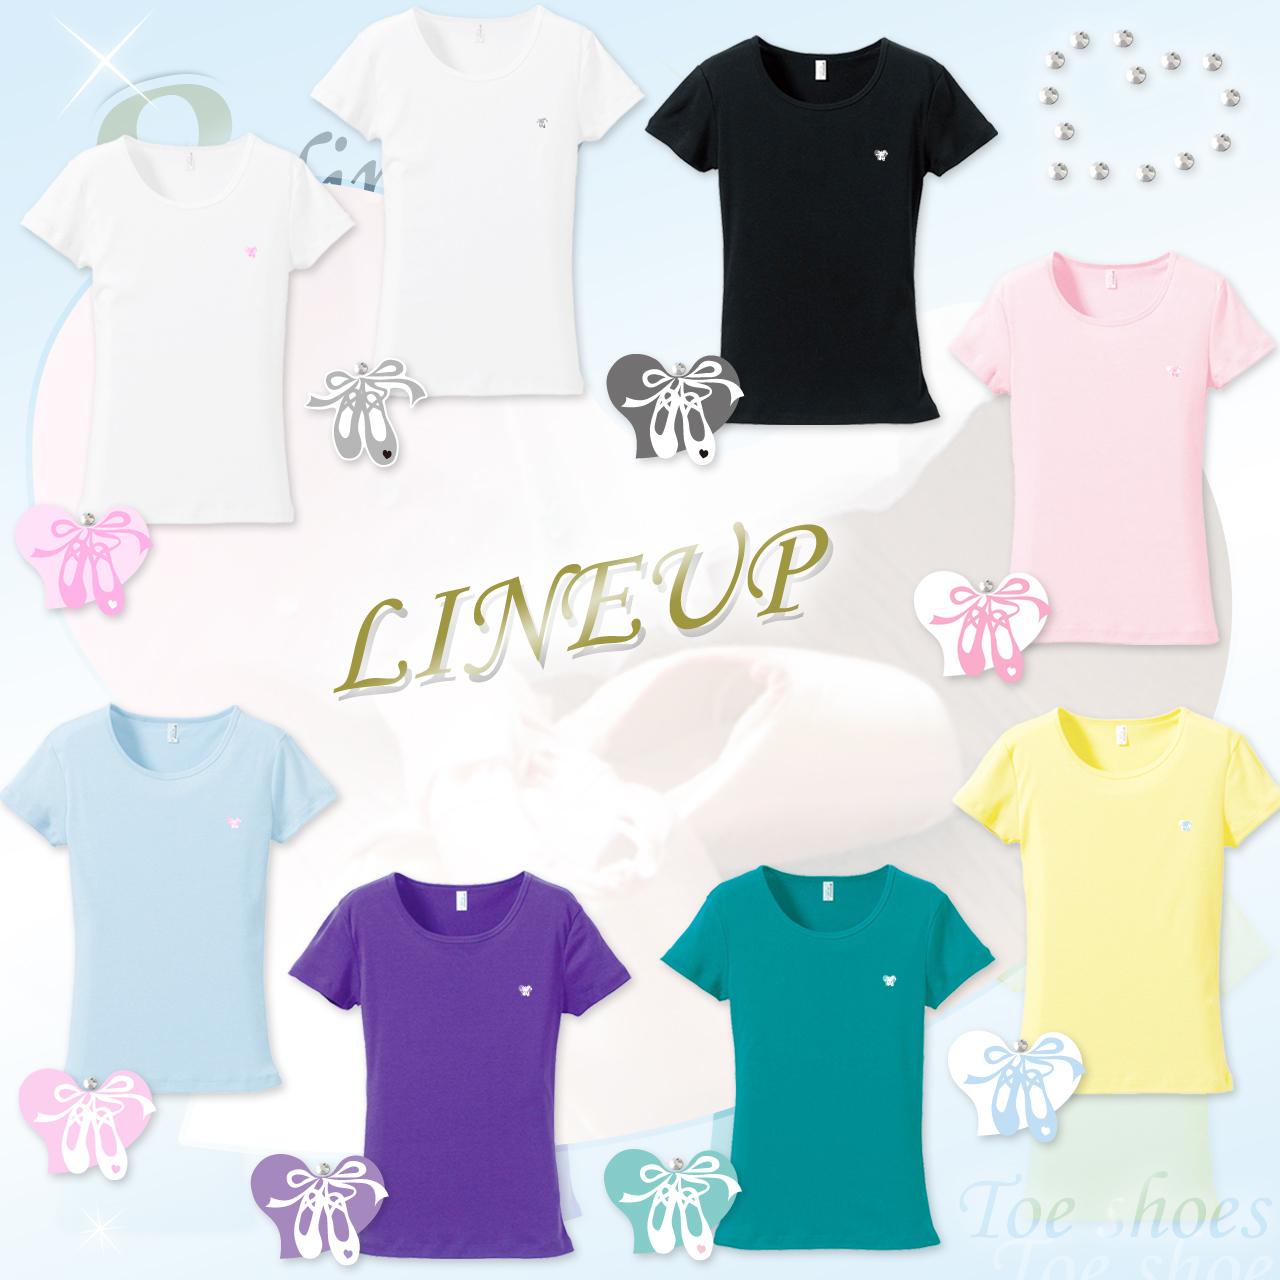 さりげなさが◎♪ トウシューズ+ラインストーン付 Tシャツ 〈全8種〉バレエ♪ [フライスTシャツ]